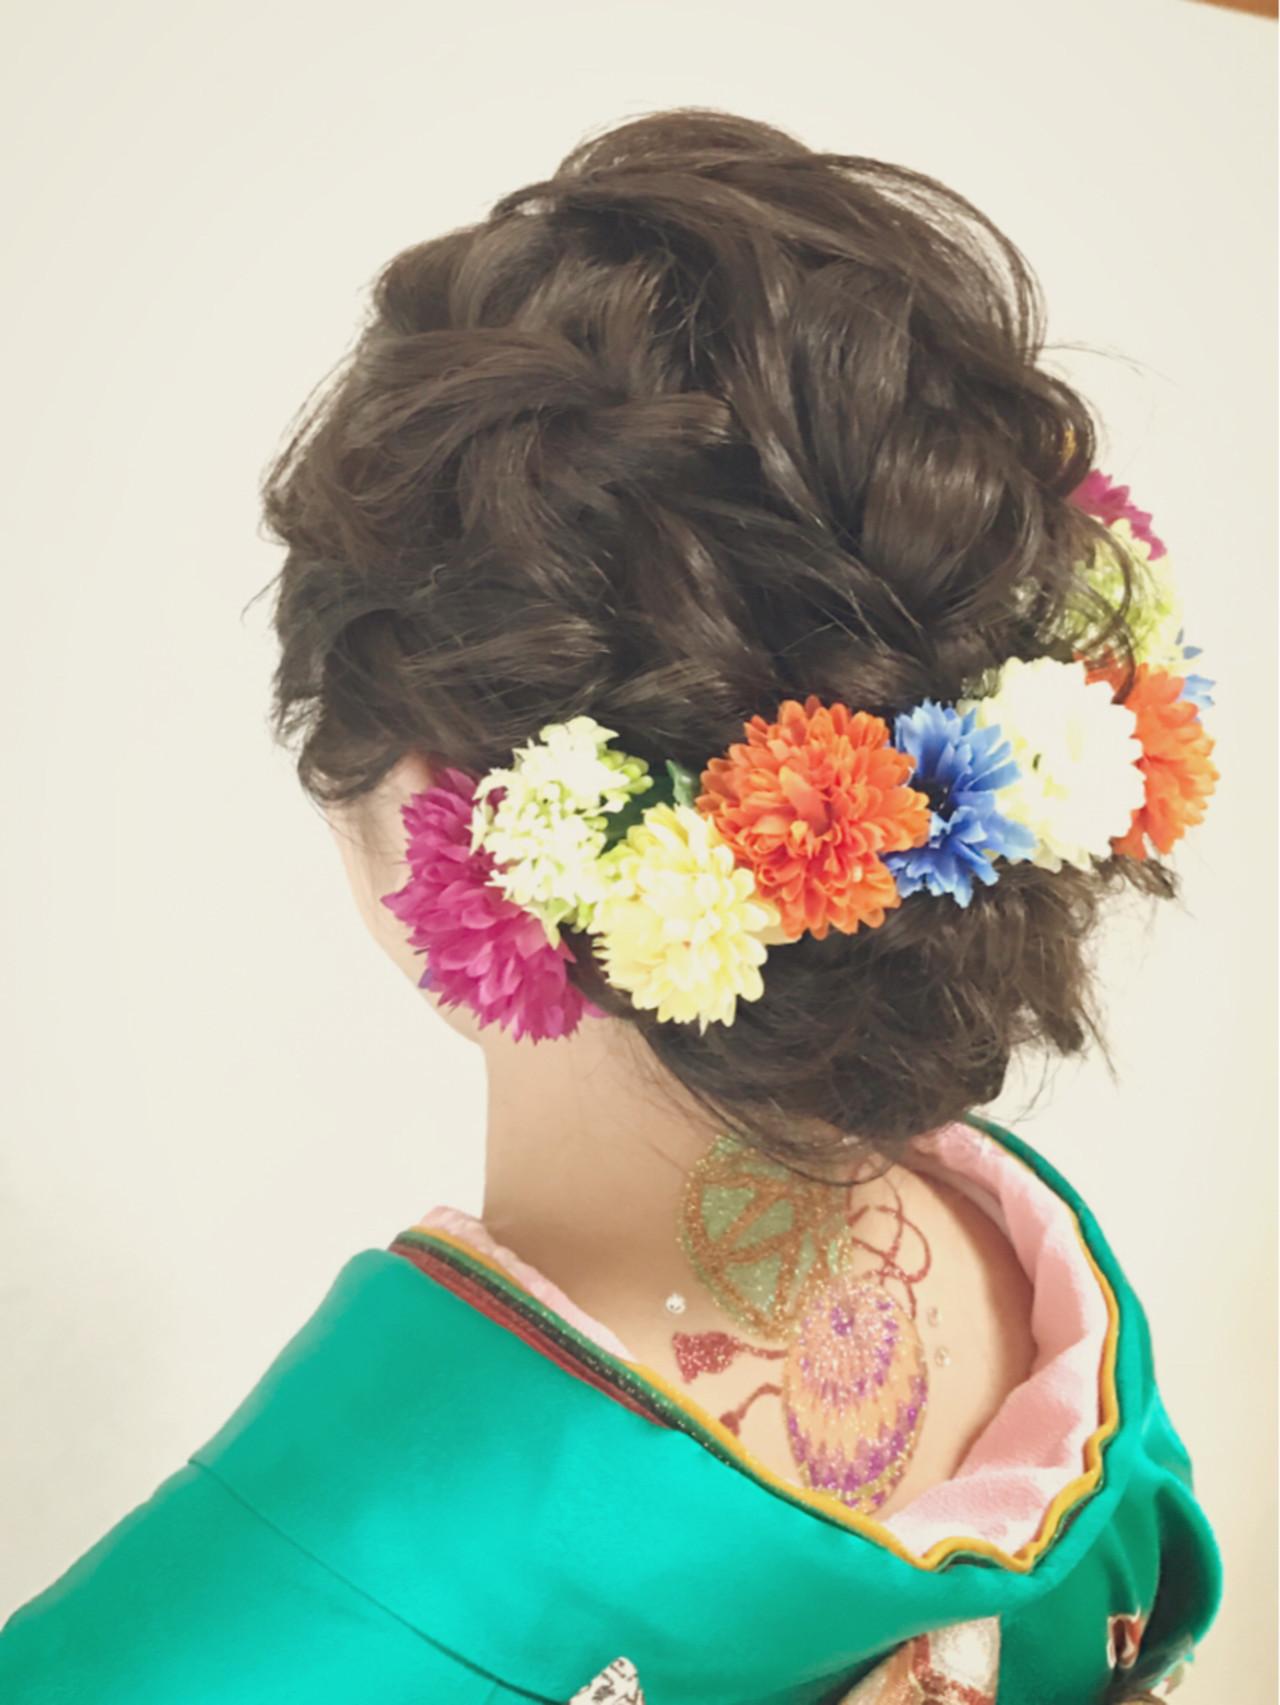 成人式 ヘアアレンジ 暗髪 アップスタイル ヘアスタイルや髪型の写真・画像